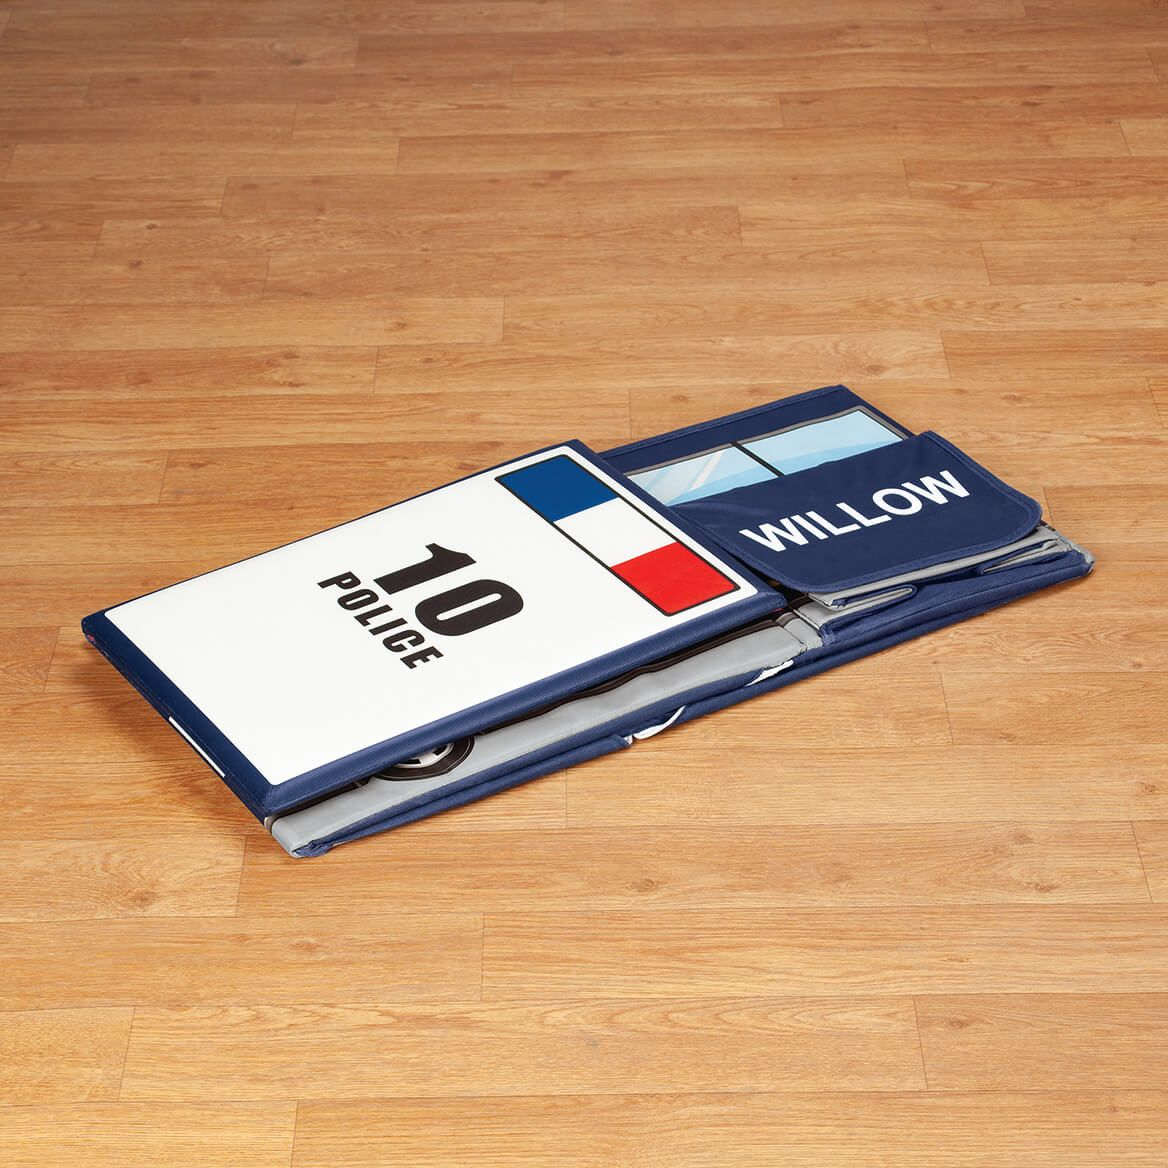 Personalized Police Car Storage Box-371455